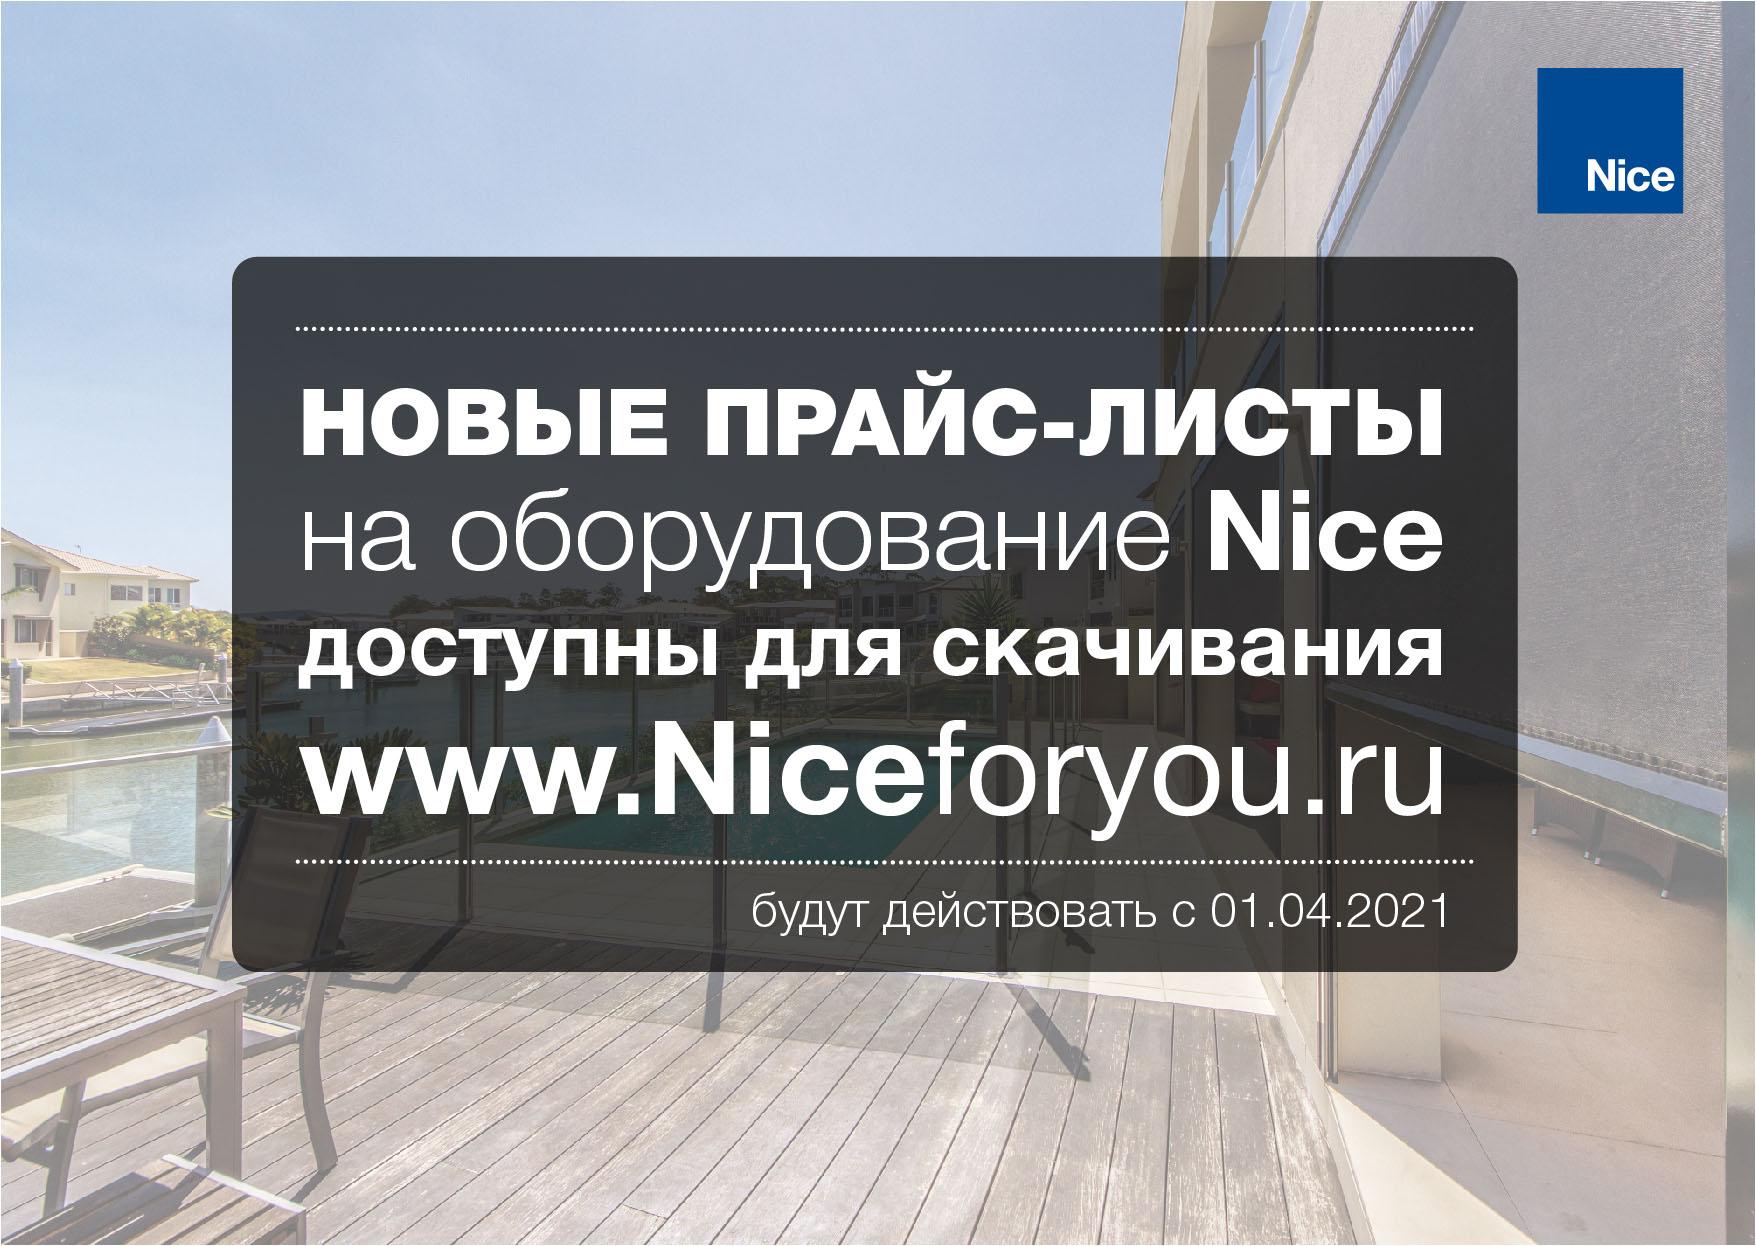 Обновленные прайс-листы на продукцию Nice — доступны для скачивания! Будут действовать с 01.04.2021 года.